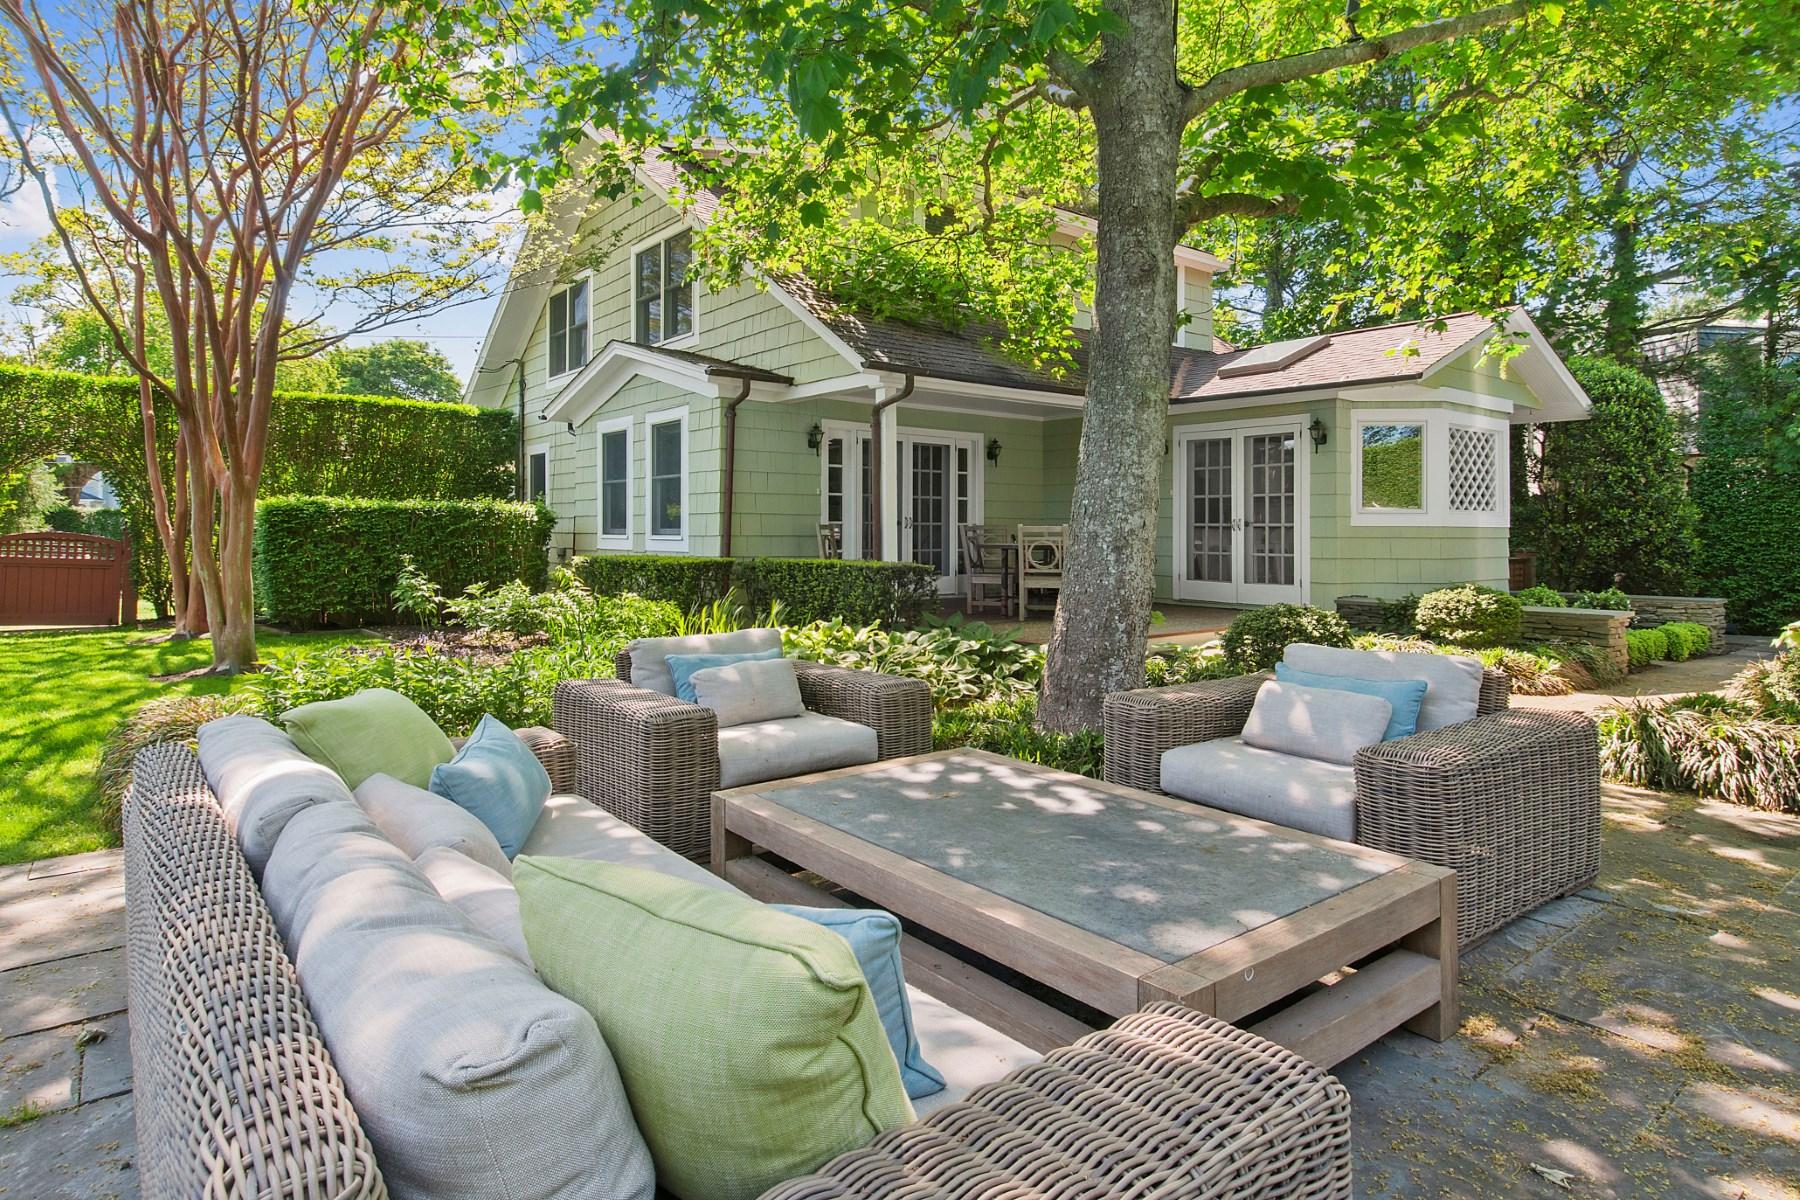 단독 가정 주택 용 매매 에 Newly Renovated with Gorgeous Pool Southampton, 뉴욕 11968 미국